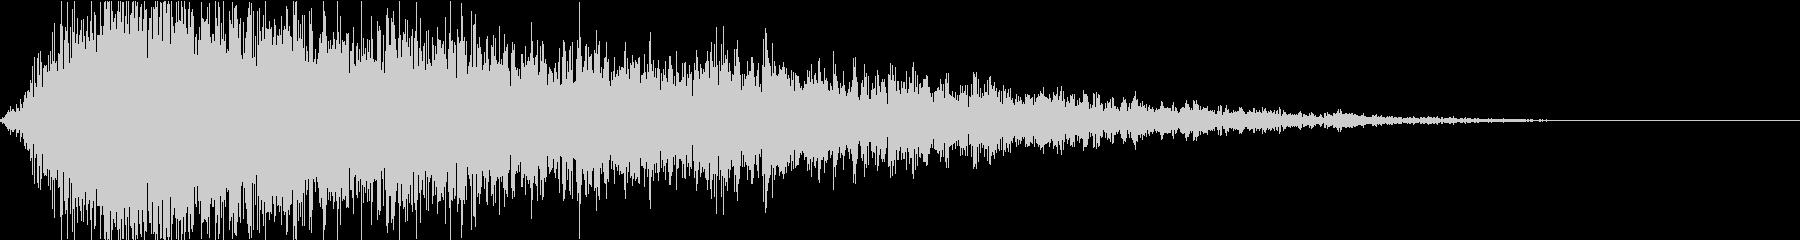 幽霊が現れる時の衝撃音(ホラー)3の未再生の波形